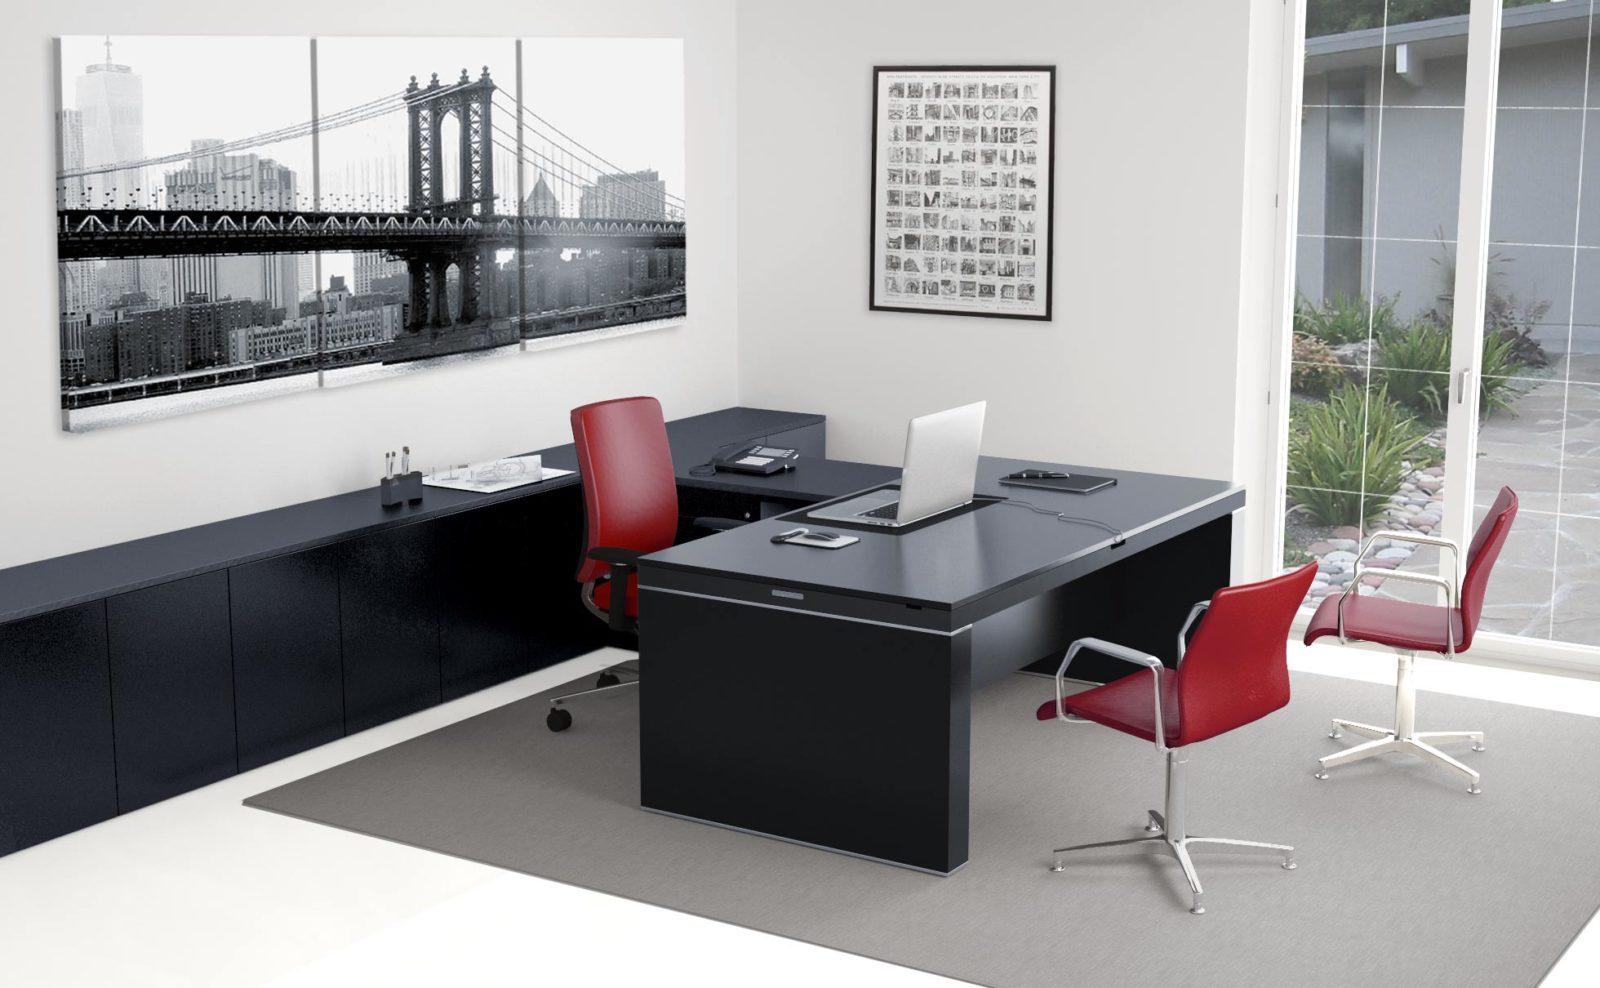 BA4.10 scrivania regolabile in altezza e cablata